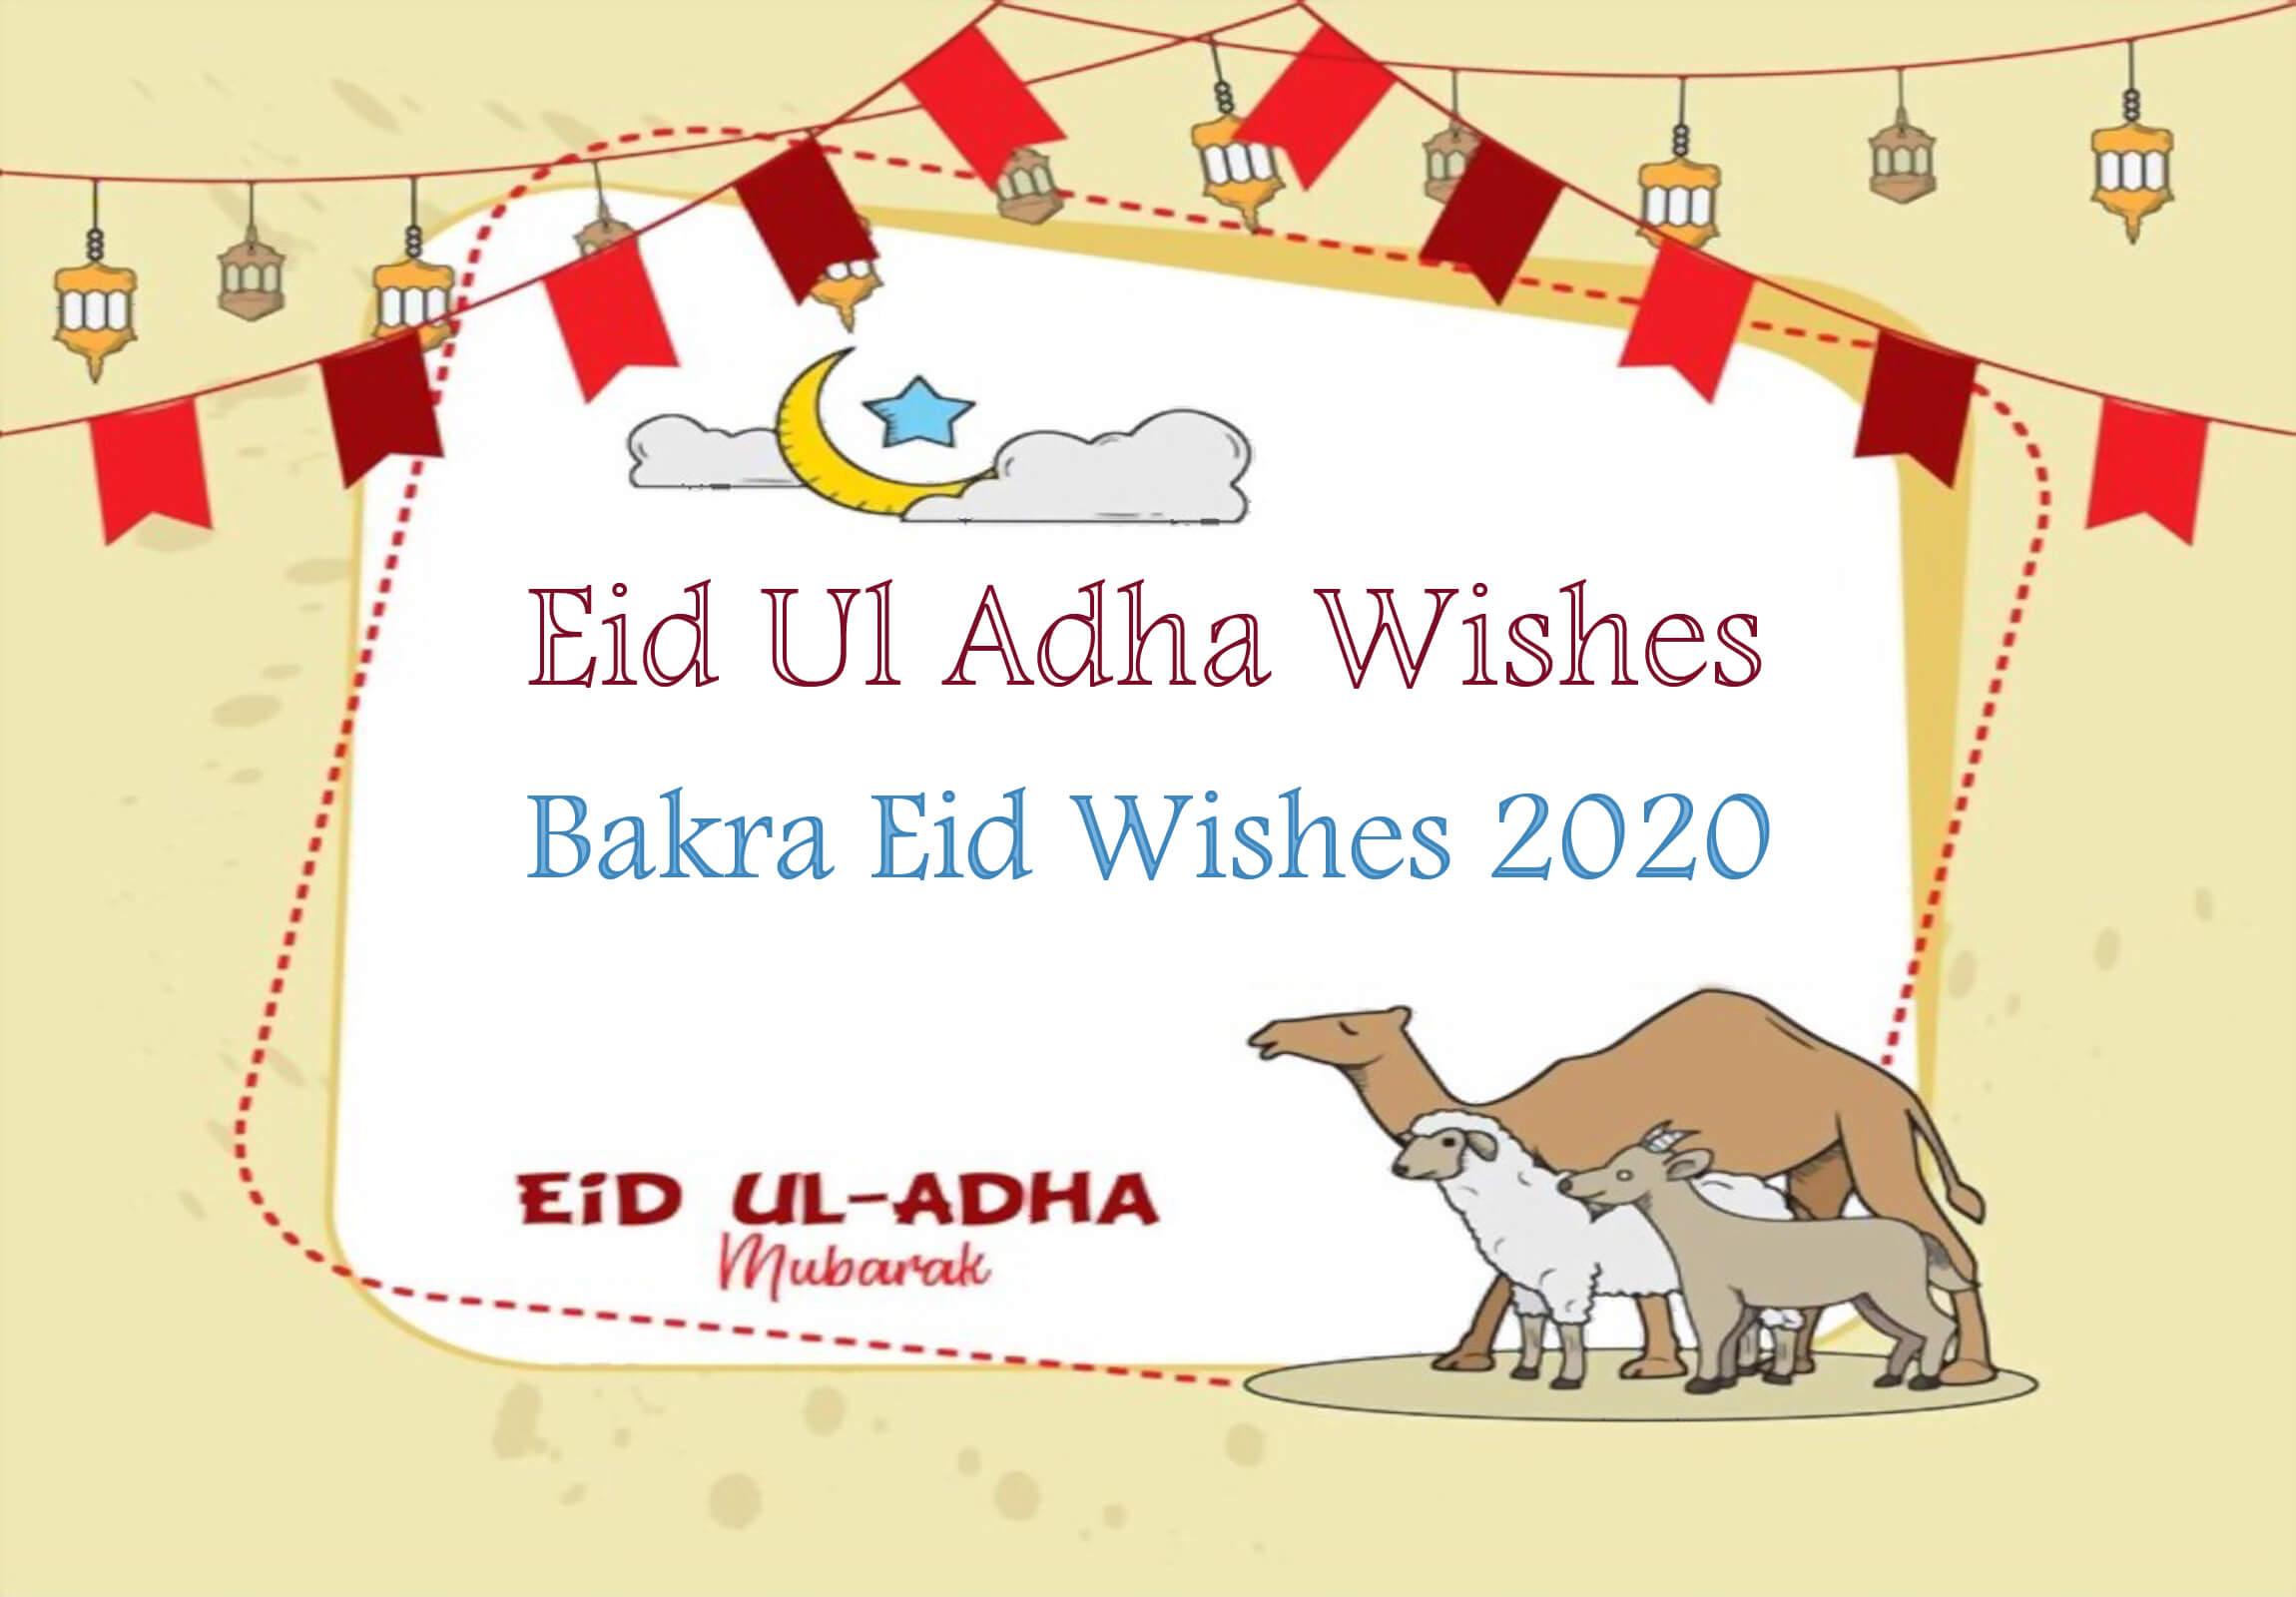 Eid ul Adha wishes card 2020